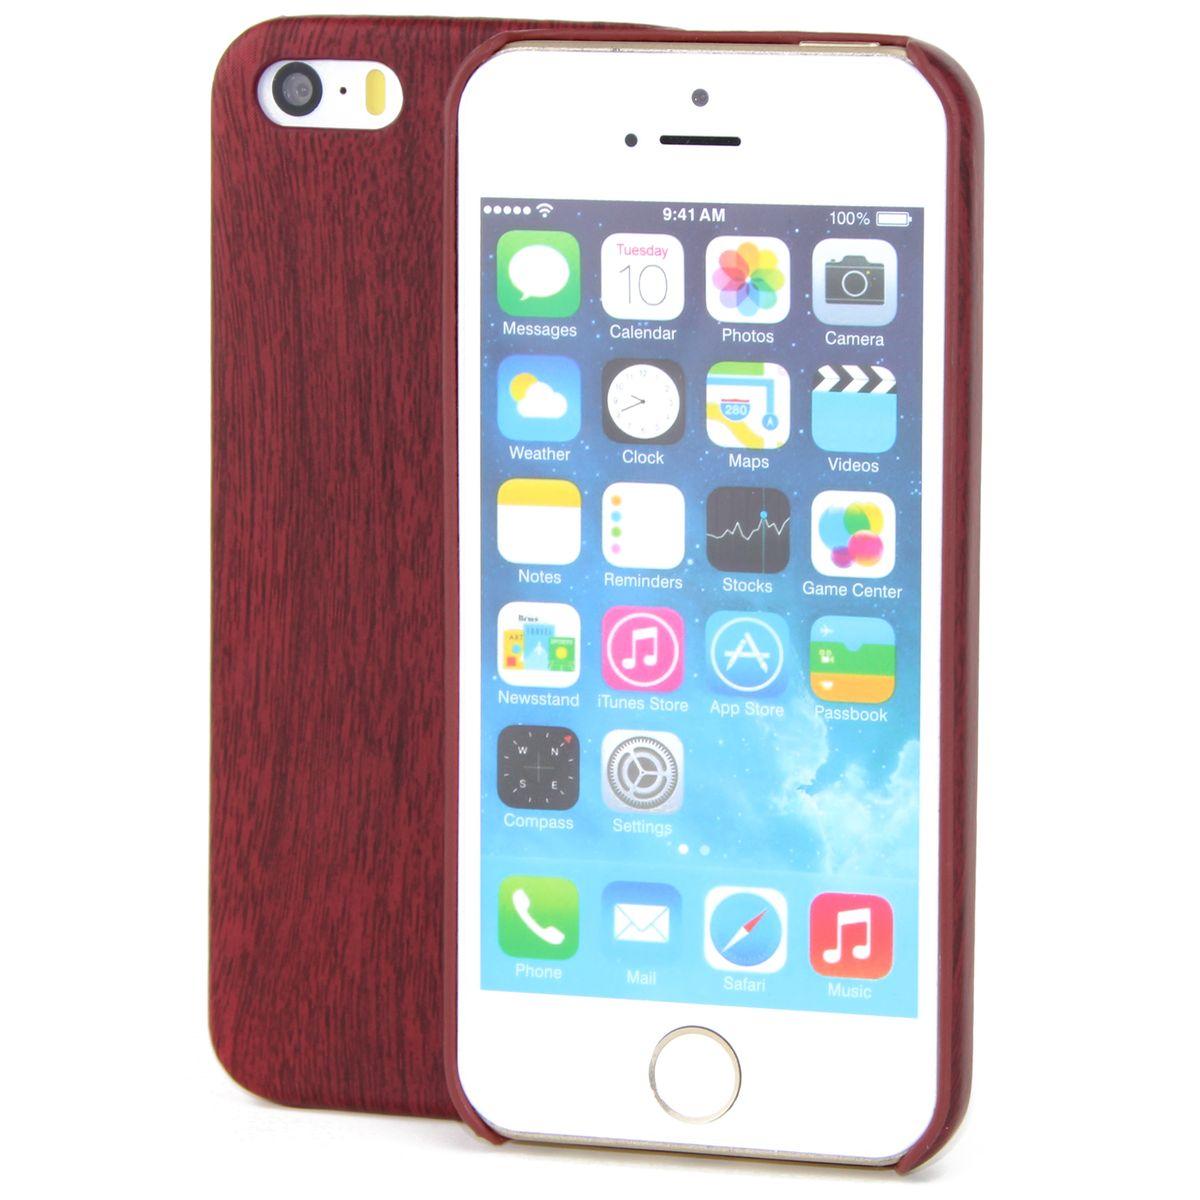 apple iphone 5 5s se tpu handy h lle holz optik schutz. Black Bedroom Furniture Sets. Home Design Ideas